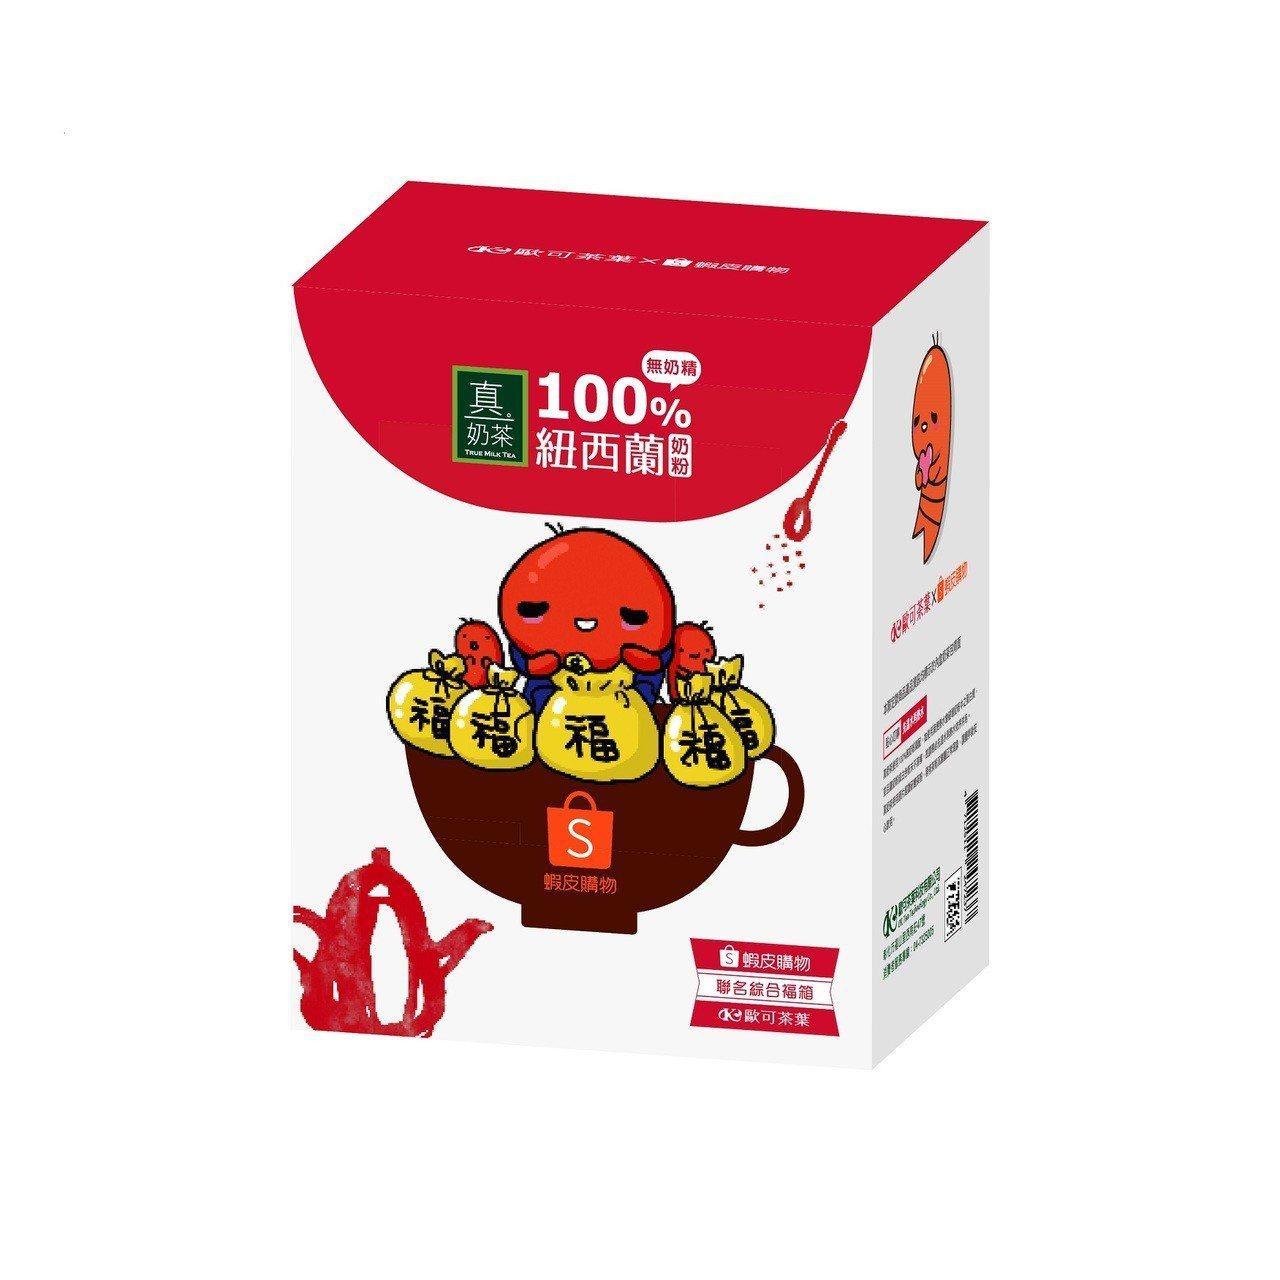 蝦皮購物與網路奶茶霸主歐可茶葉聯名福箱,「517吃貨節」活動價169元,約53折...